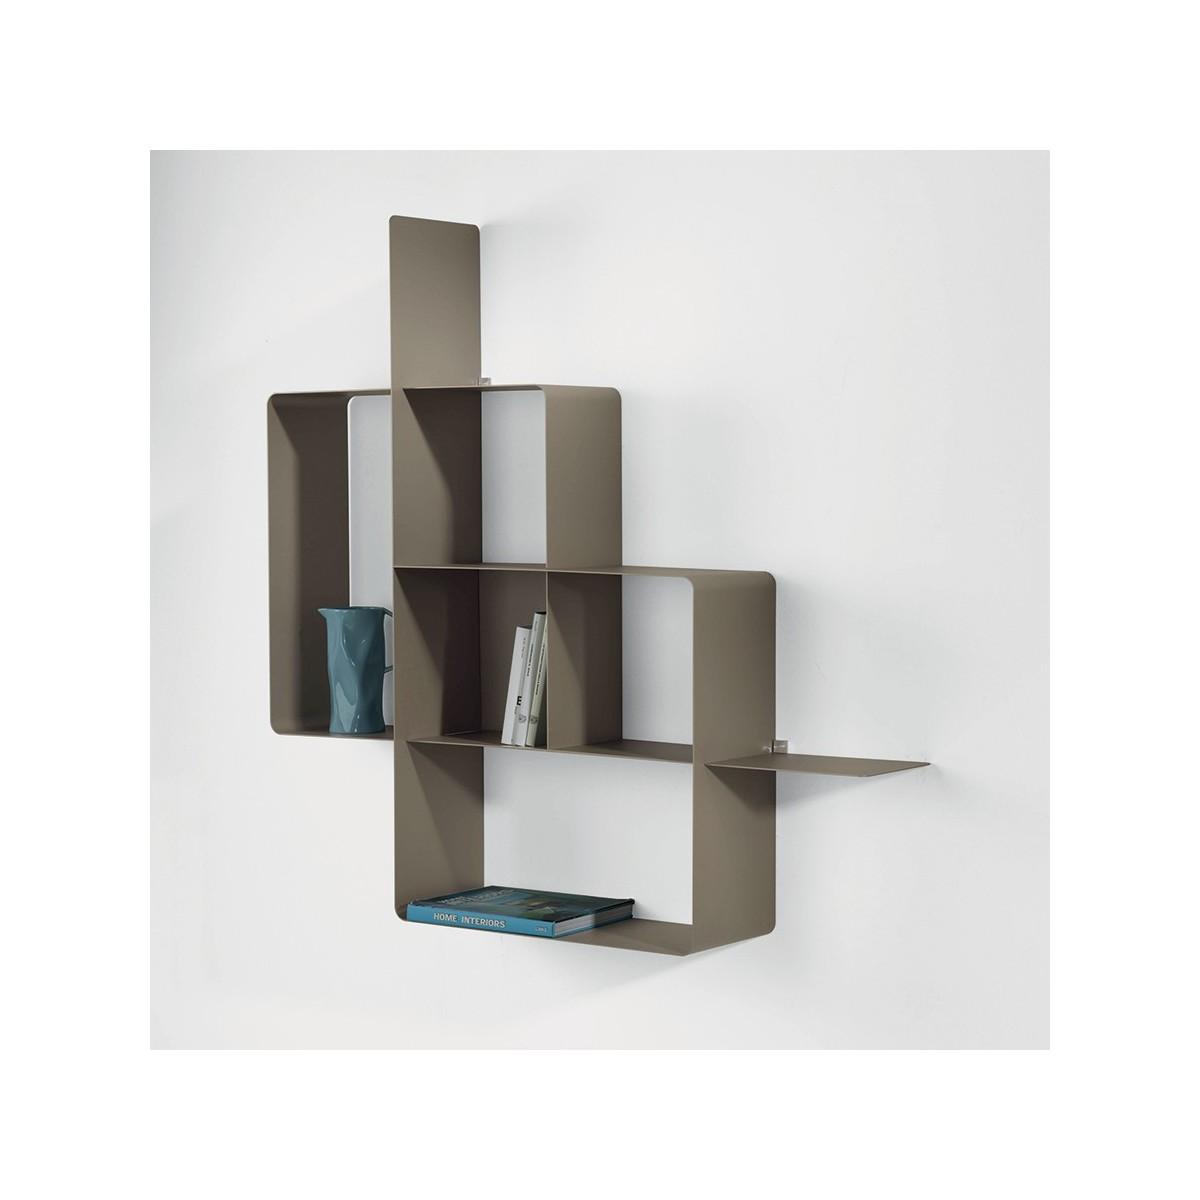 mondrian libreria a parete moderna in metallo componibile. Black Bedroom Furniture Sets. Home Design Ideas